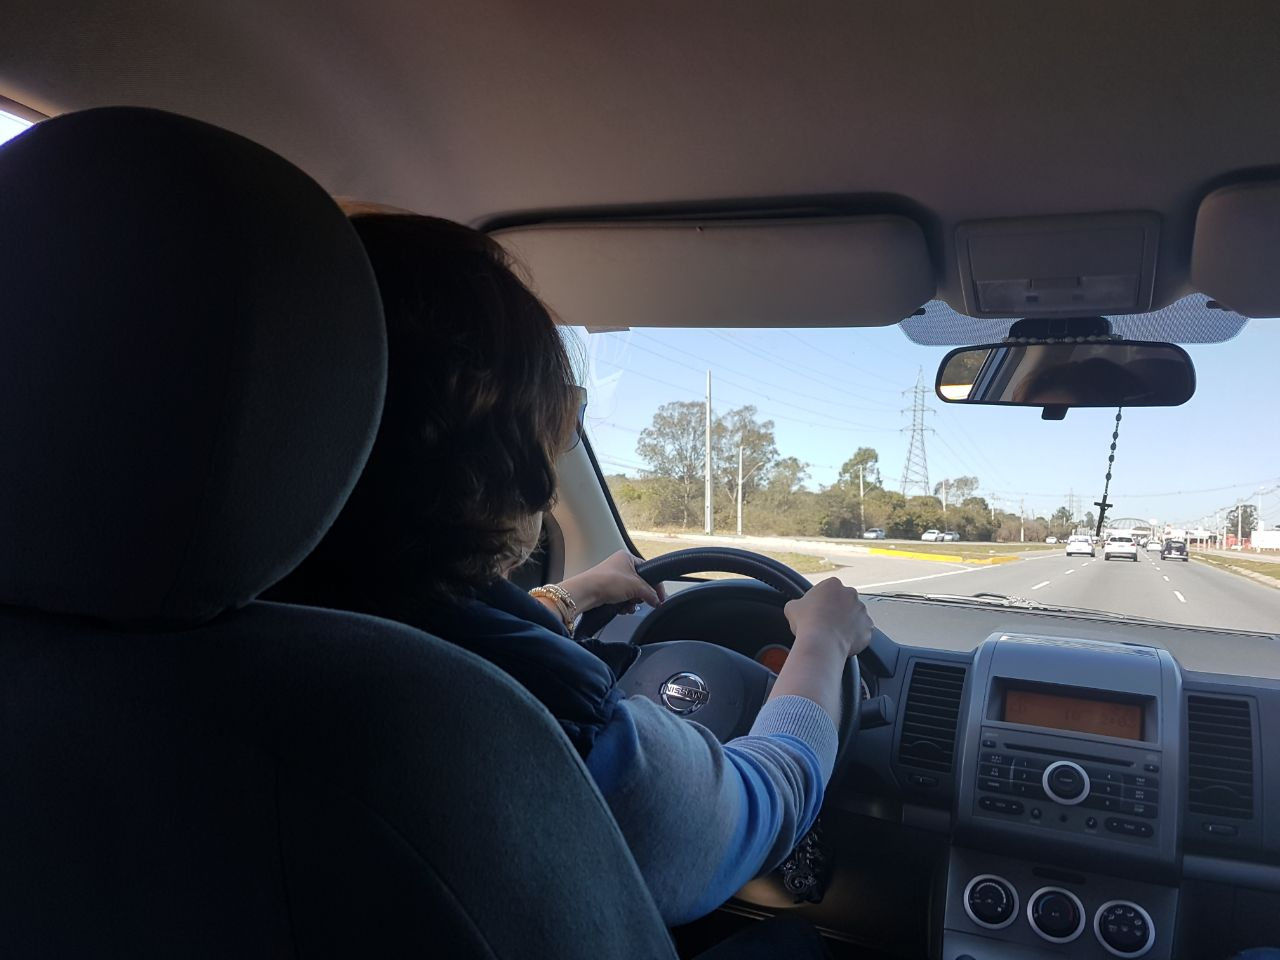 Com a crise financeira o número de pessoas tirando carteiras de motoristas diminui em Curitiba l crédito: Yasmin Graeml